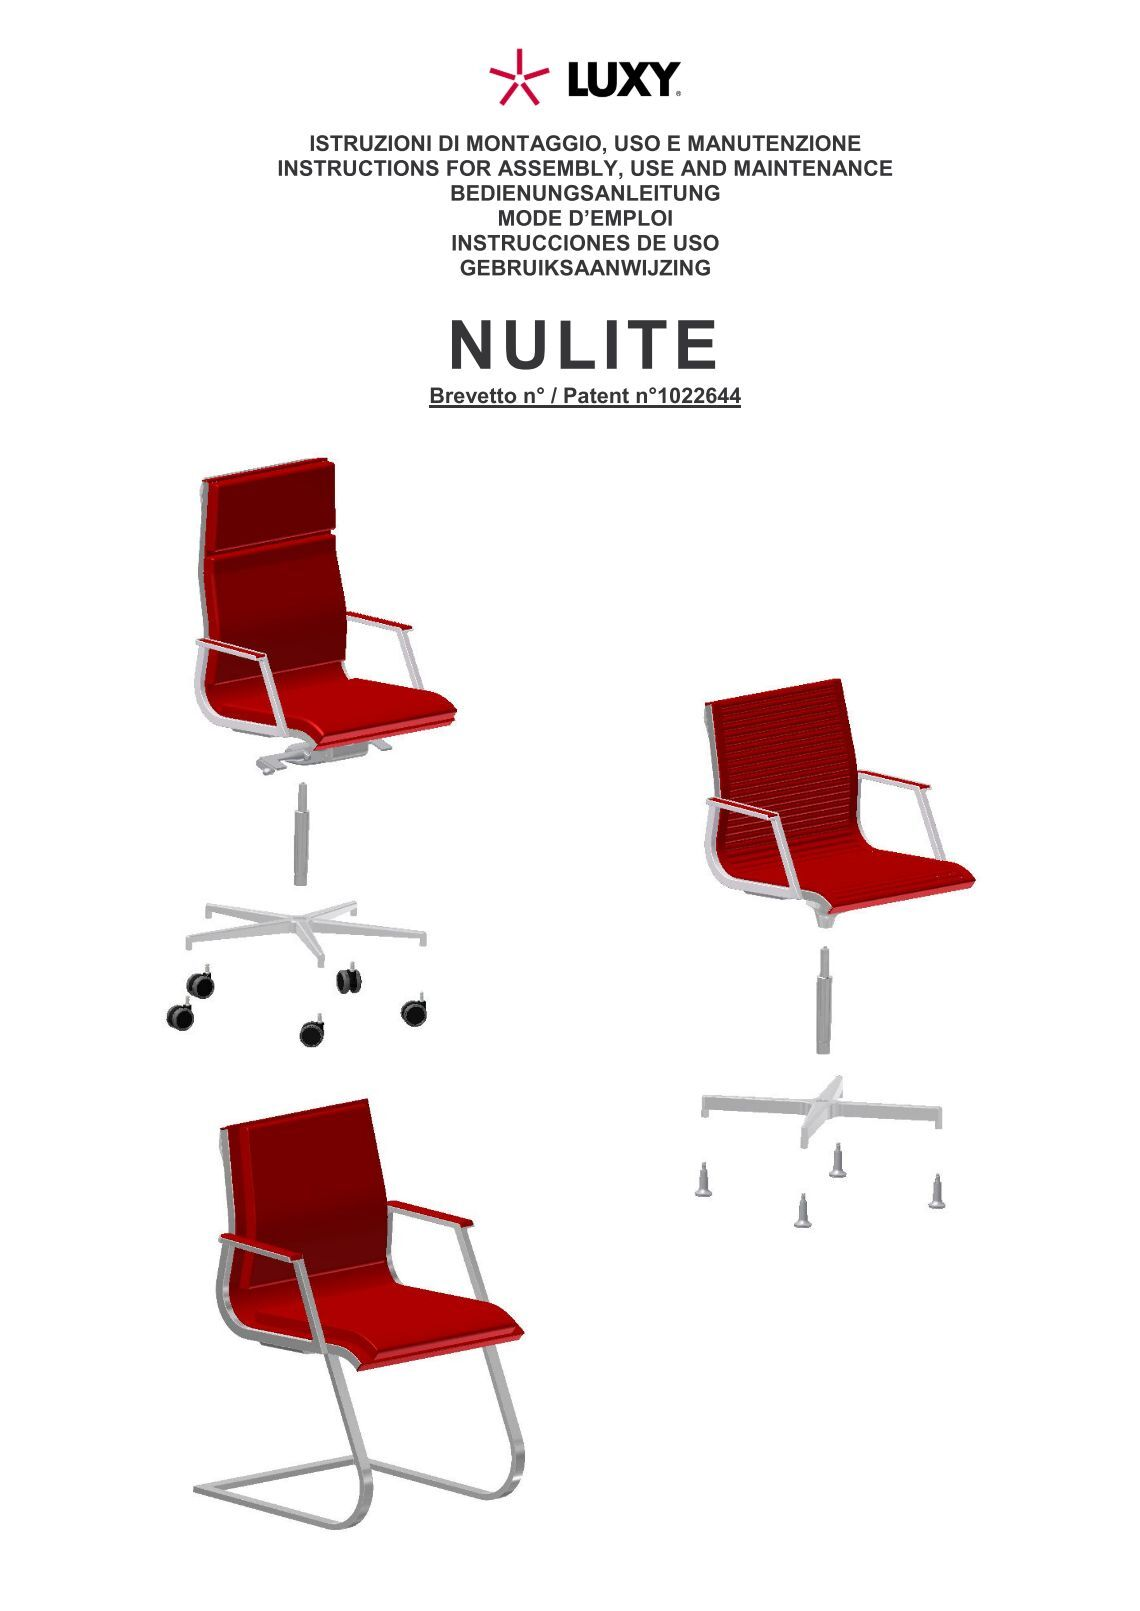 topdeq office furniture. Topdeq Office Furniture. Furniture V E